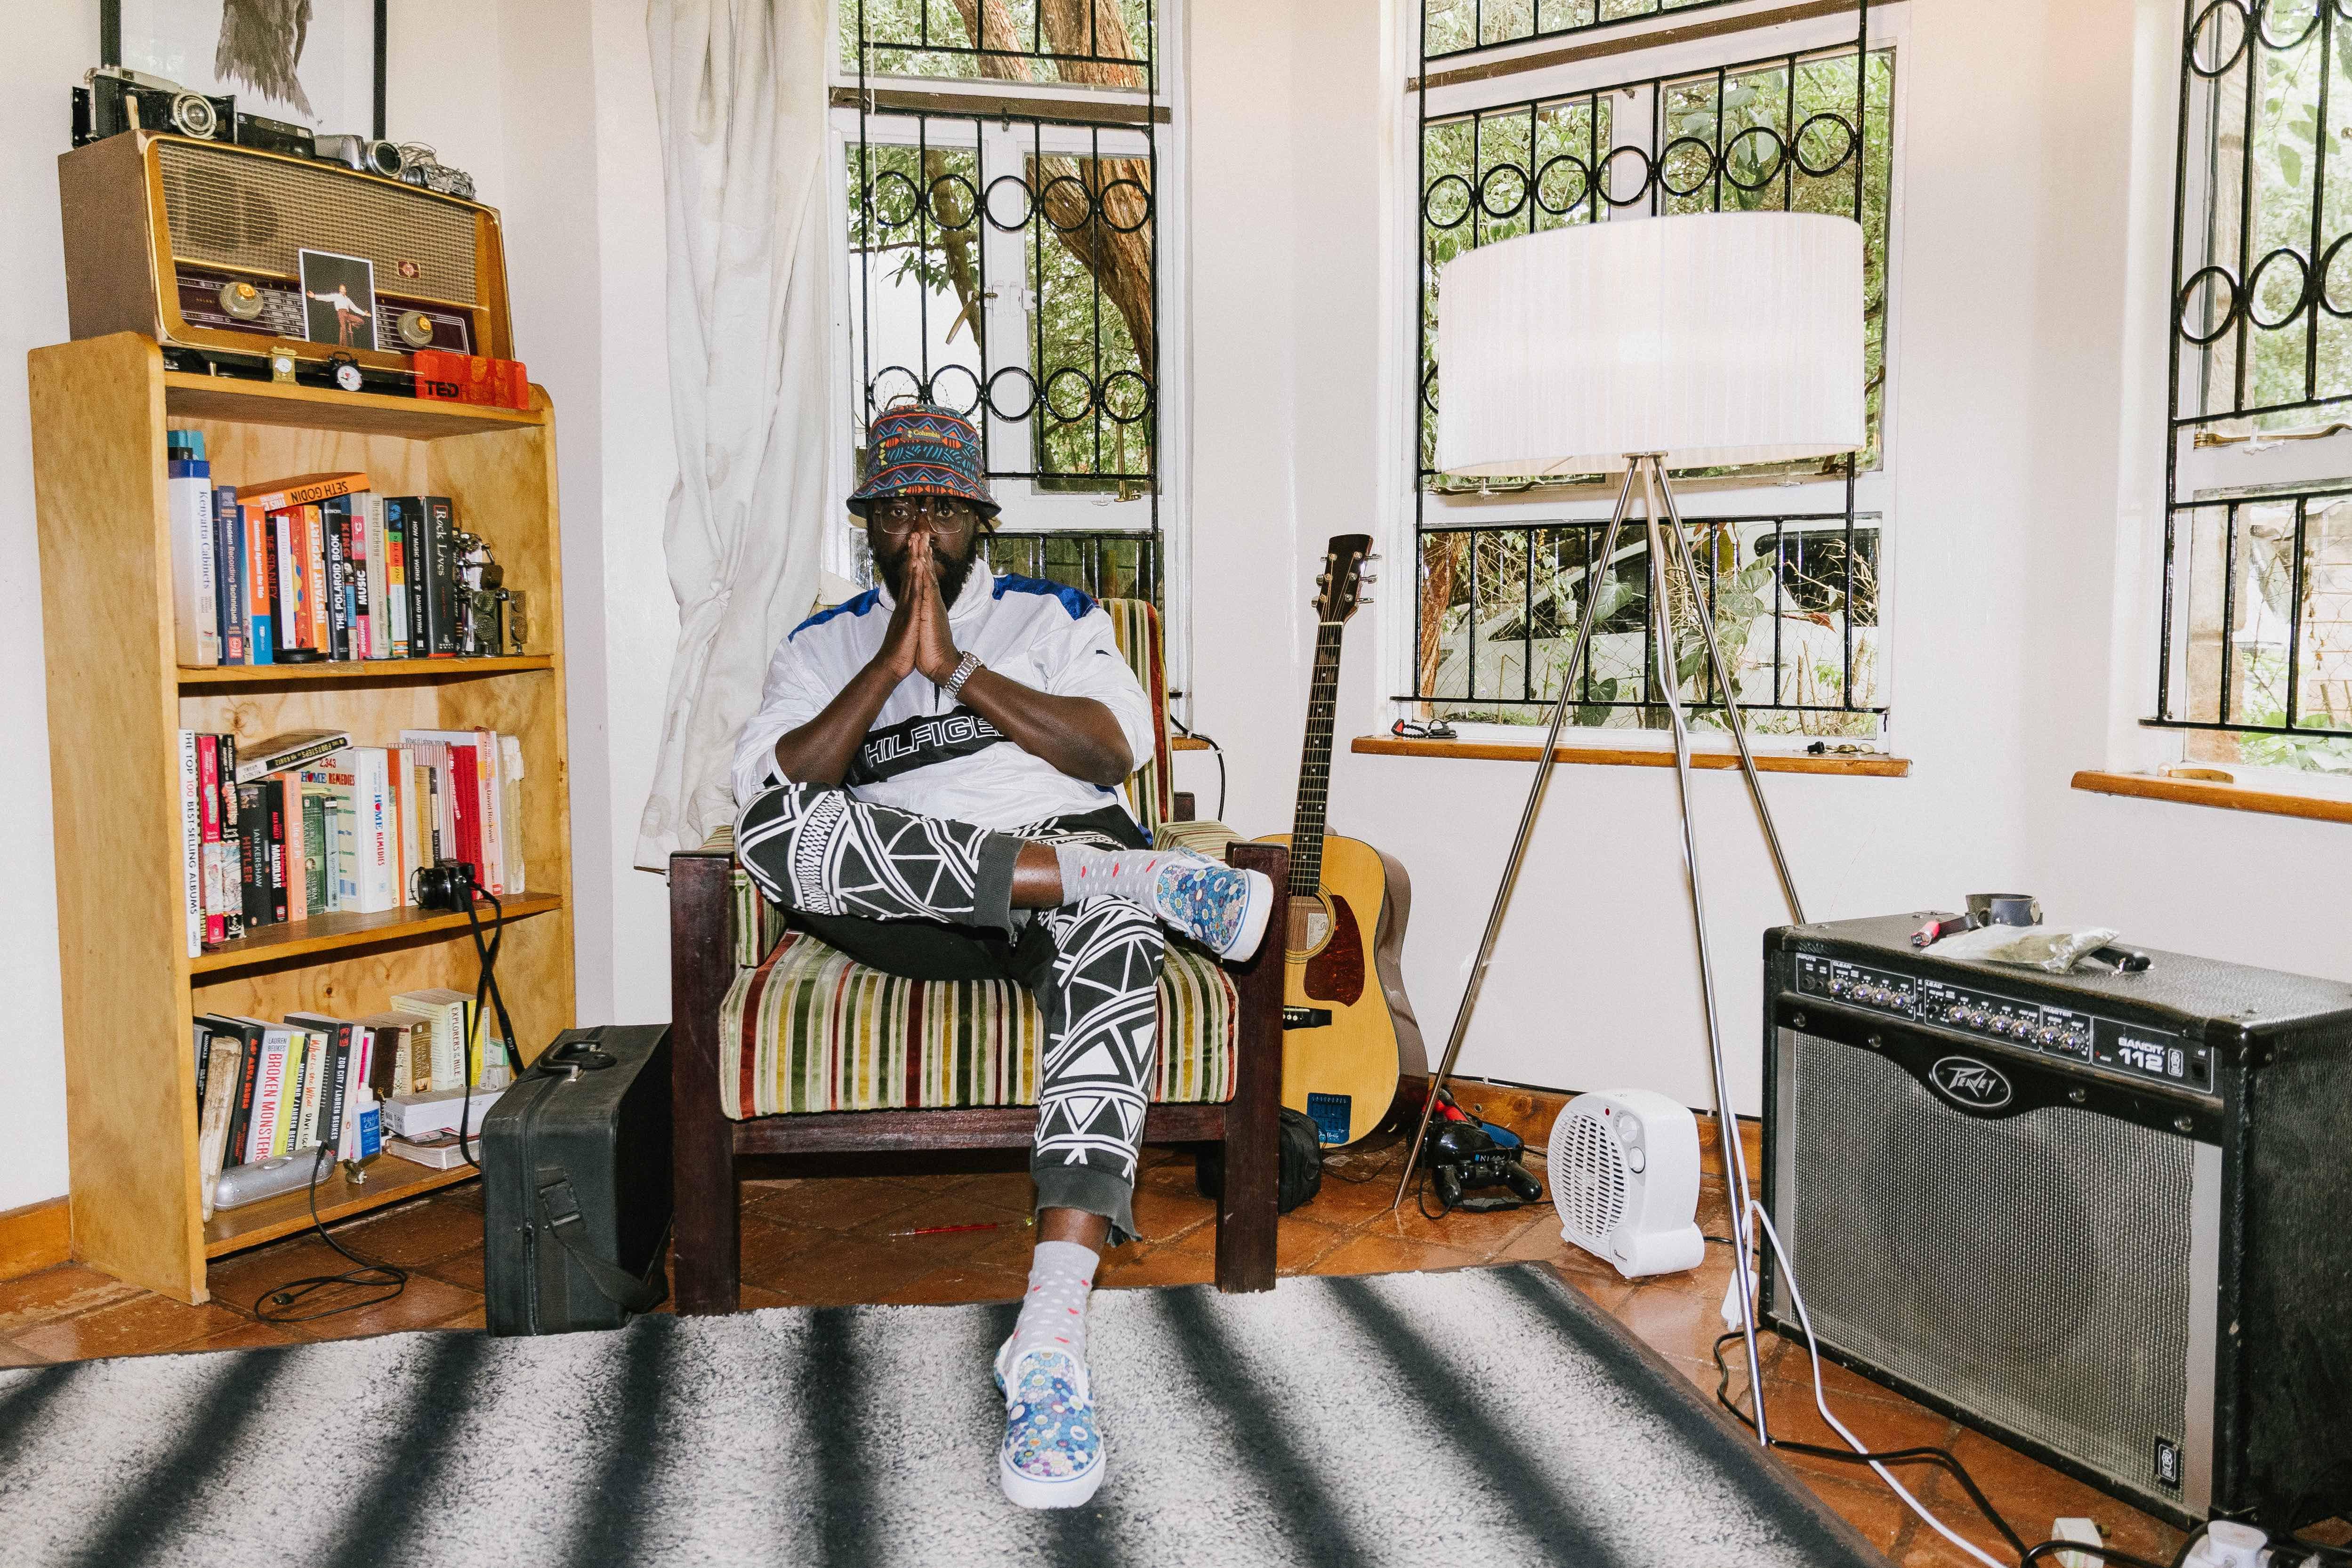 「最高に気持ちいいシャワーを浴びたときみたい」Blinky Billの地元、音と制作のインスピレーション。ケニア随一の音楽人を育むナイロビという街